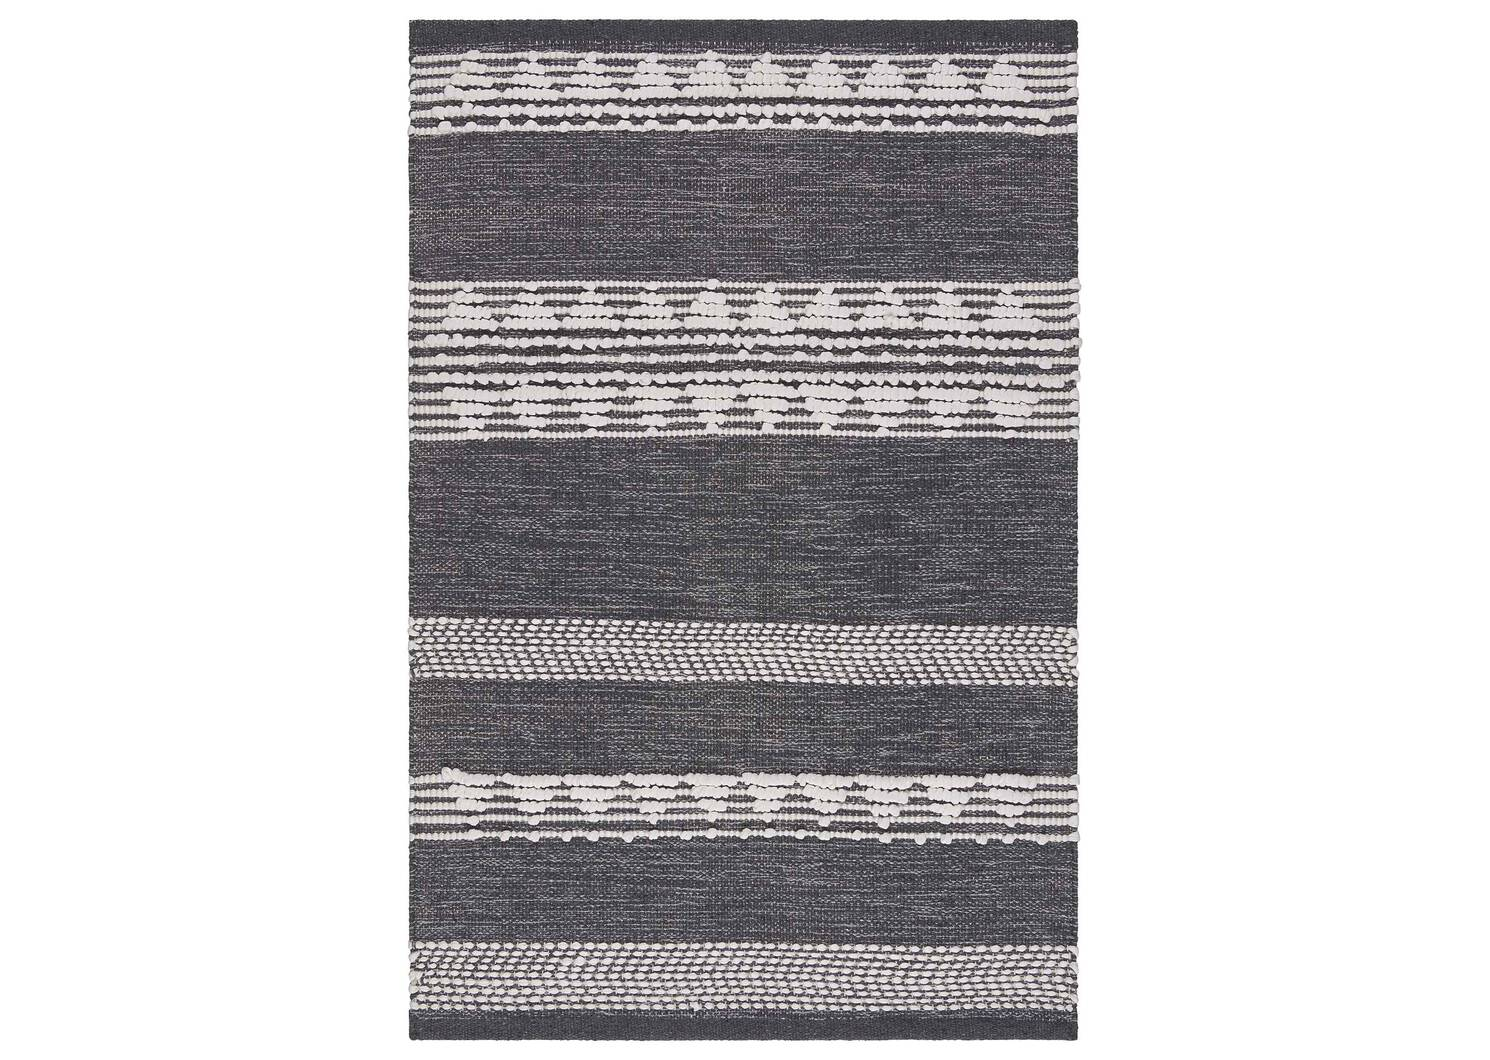 Tapis décoratif Sumner 24x36 gris/blanc